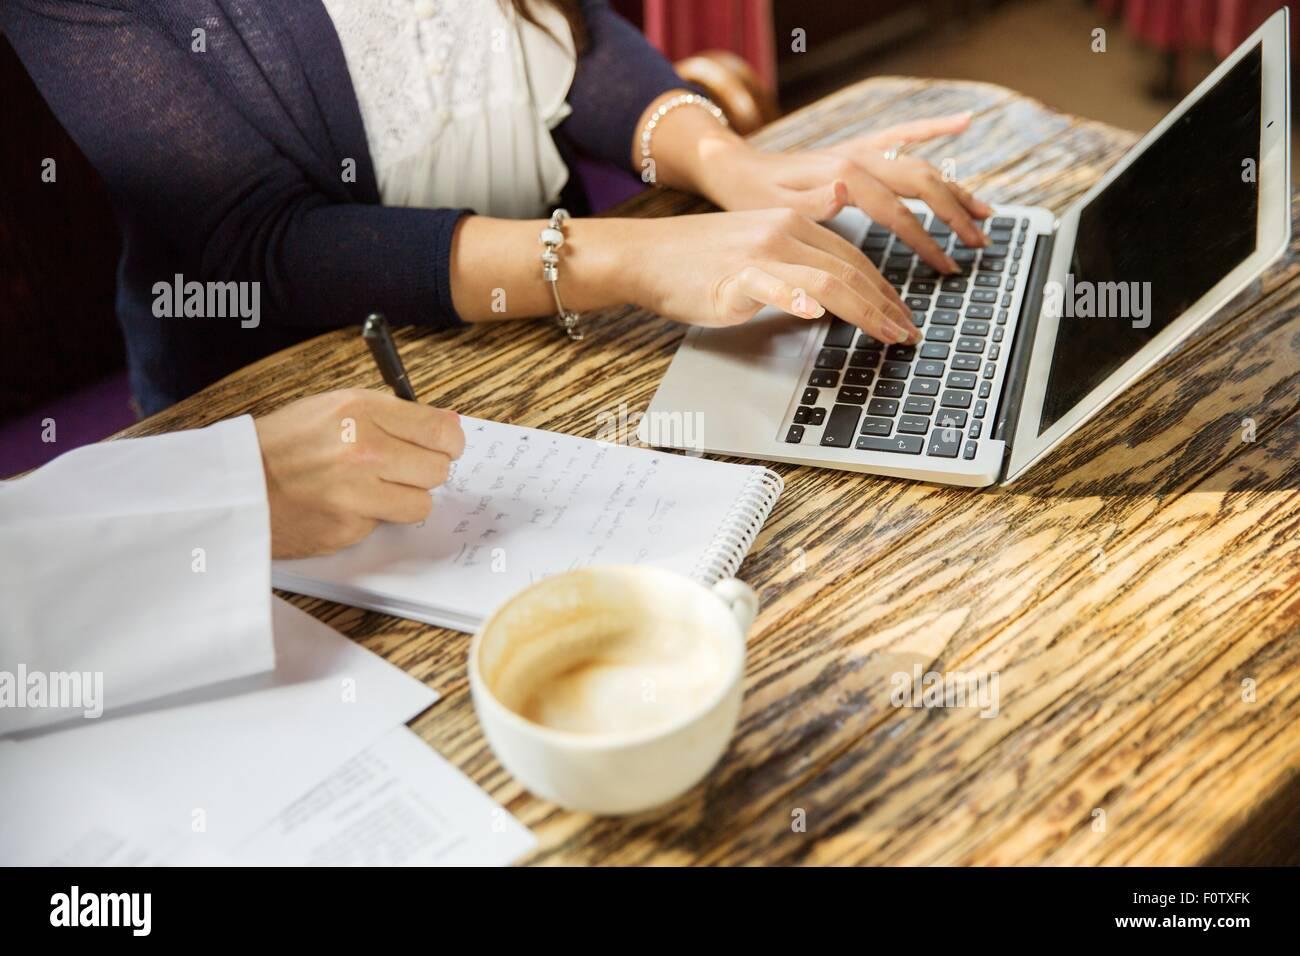 Close up de couples mains en utilisant un ordinateur portable, l'écriture, cropped Photo Stock